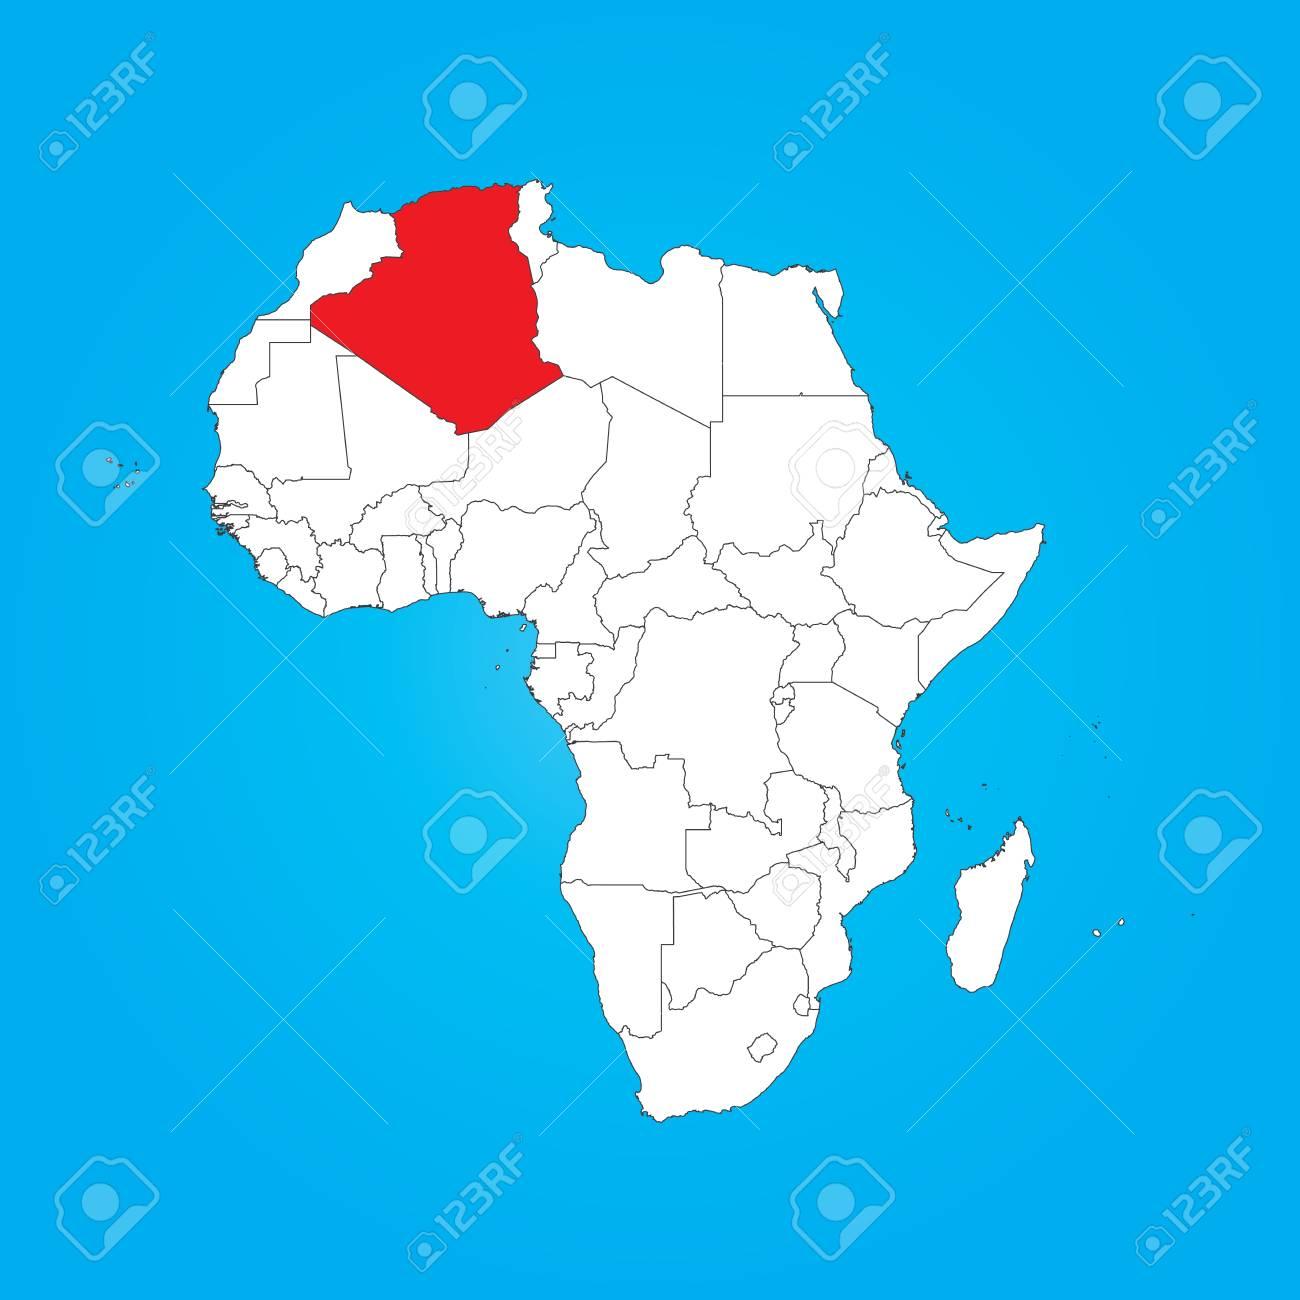 Une Carte De Lafrique Avec Un Pays Sélectionnés De Lalgérie